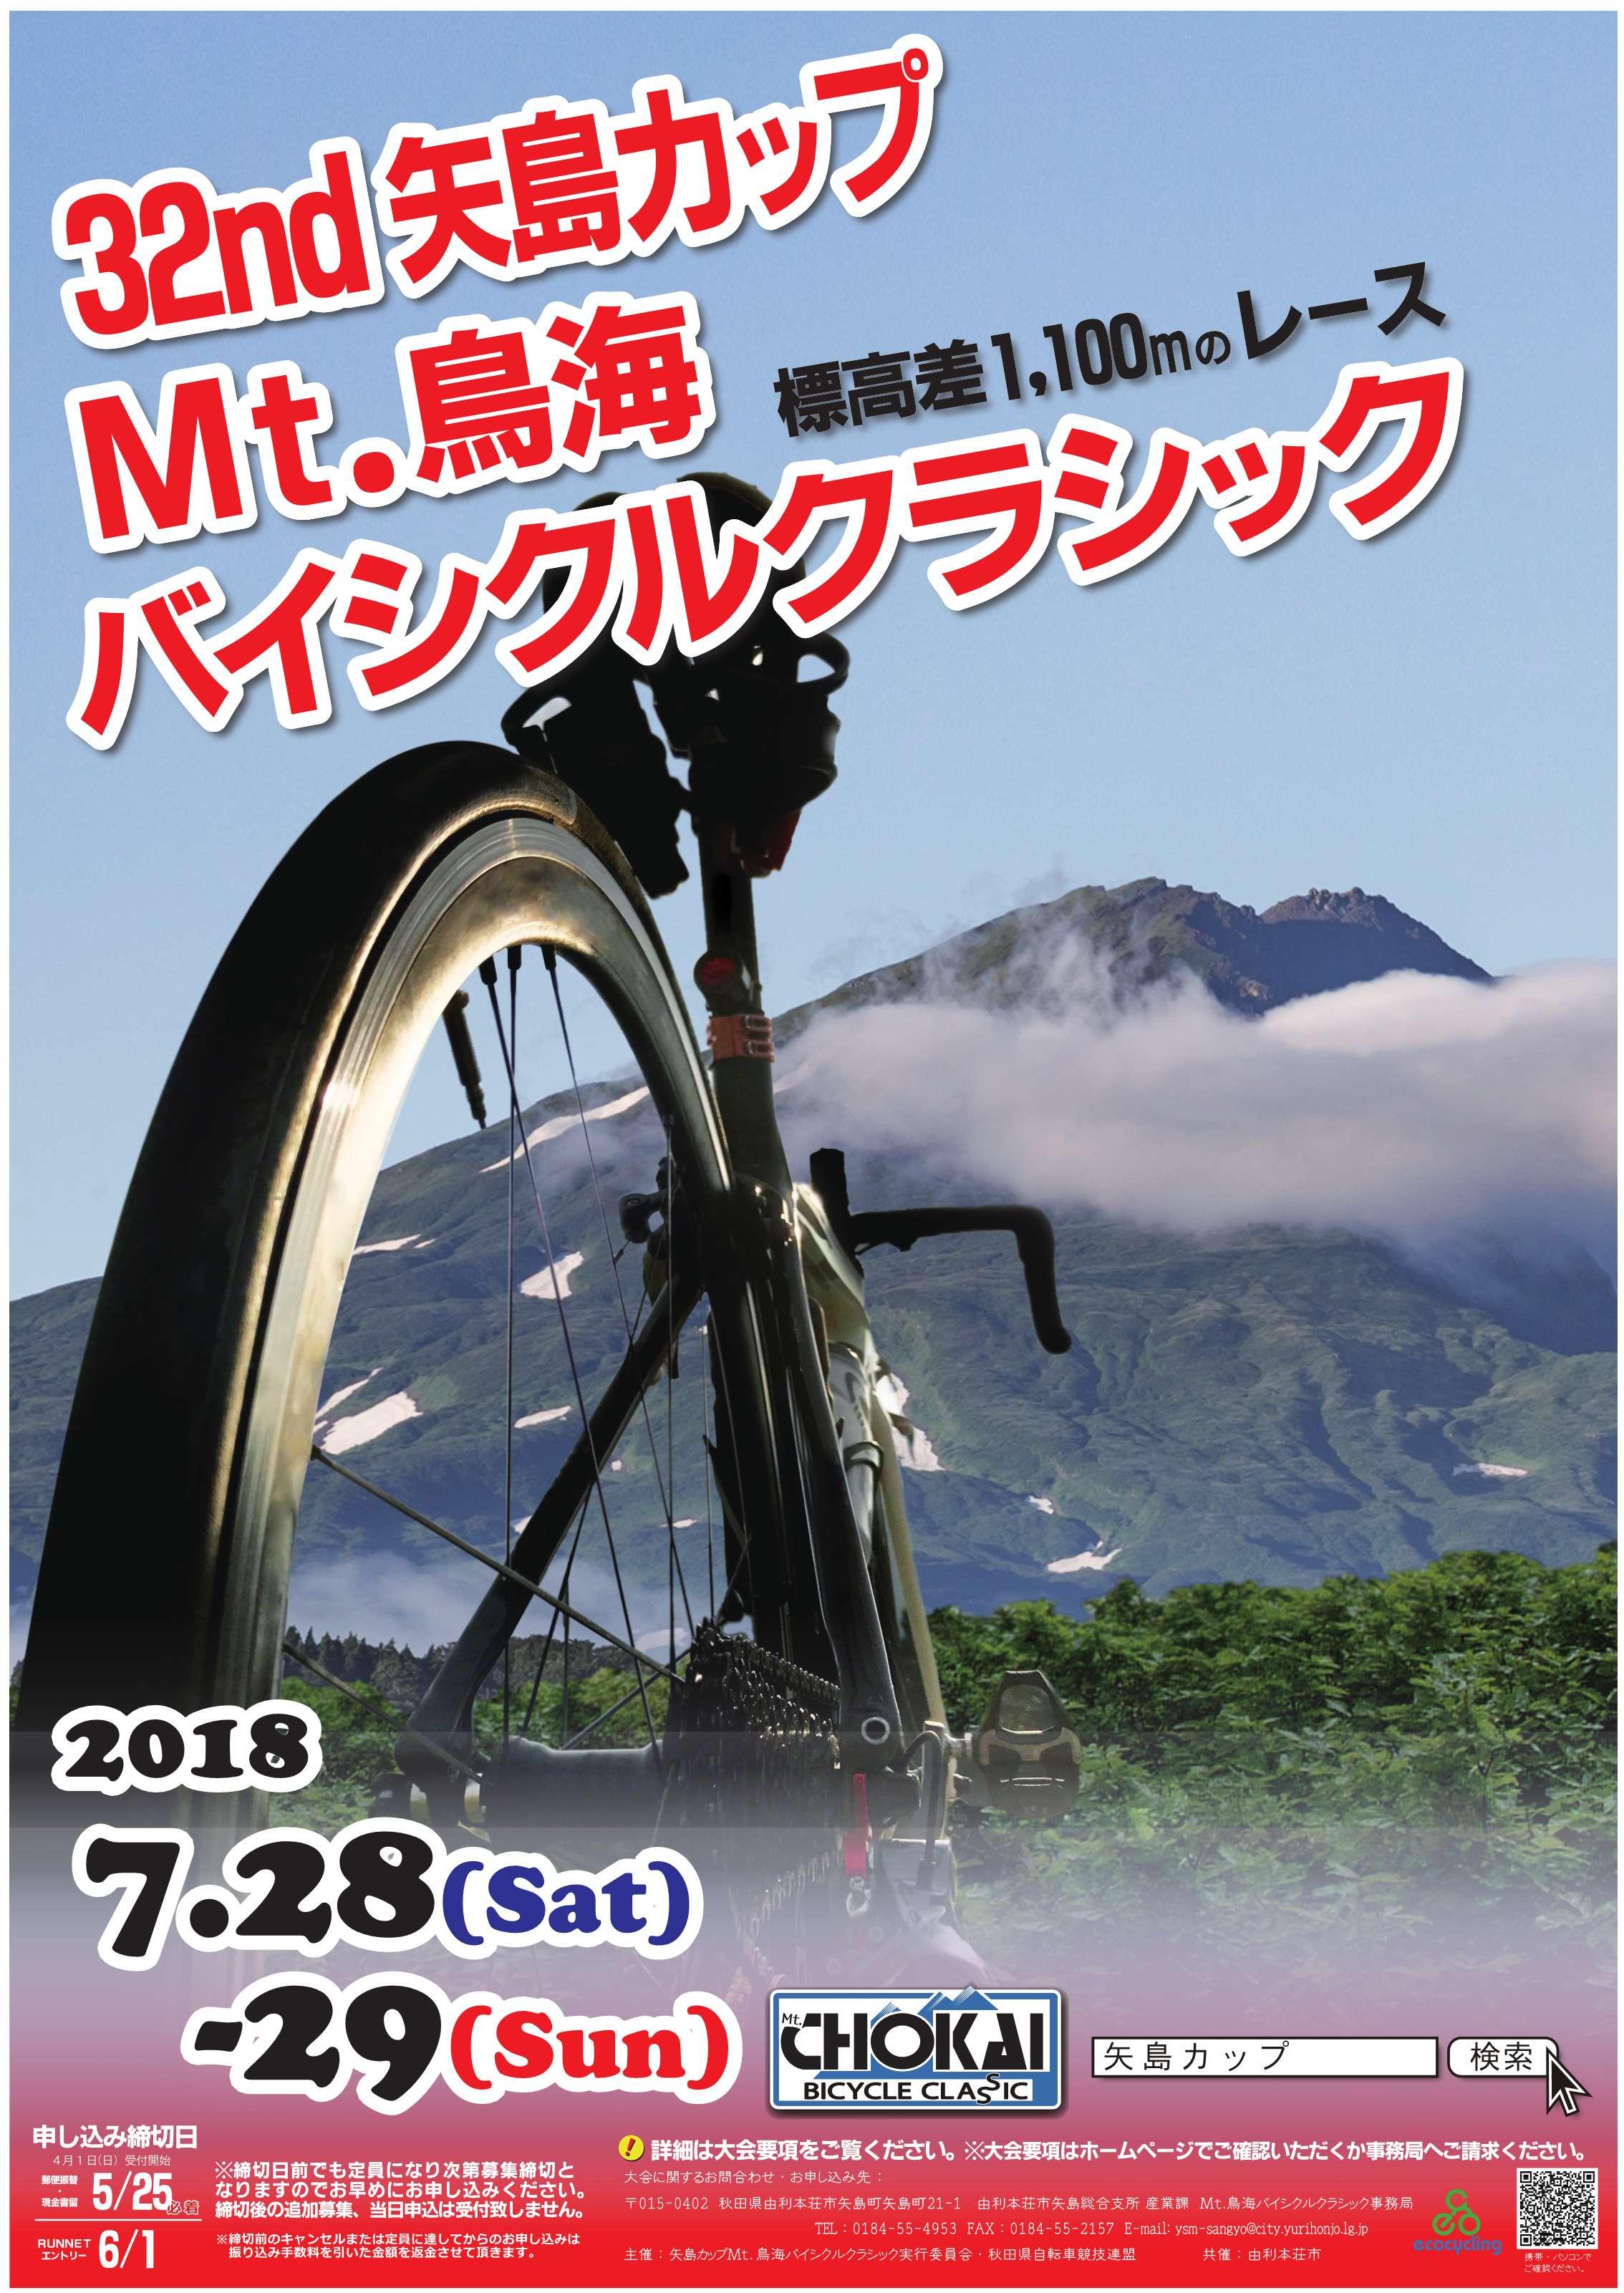 《イベント》第32回 矢島カップ Mt.鳥海バイシクルクラシック